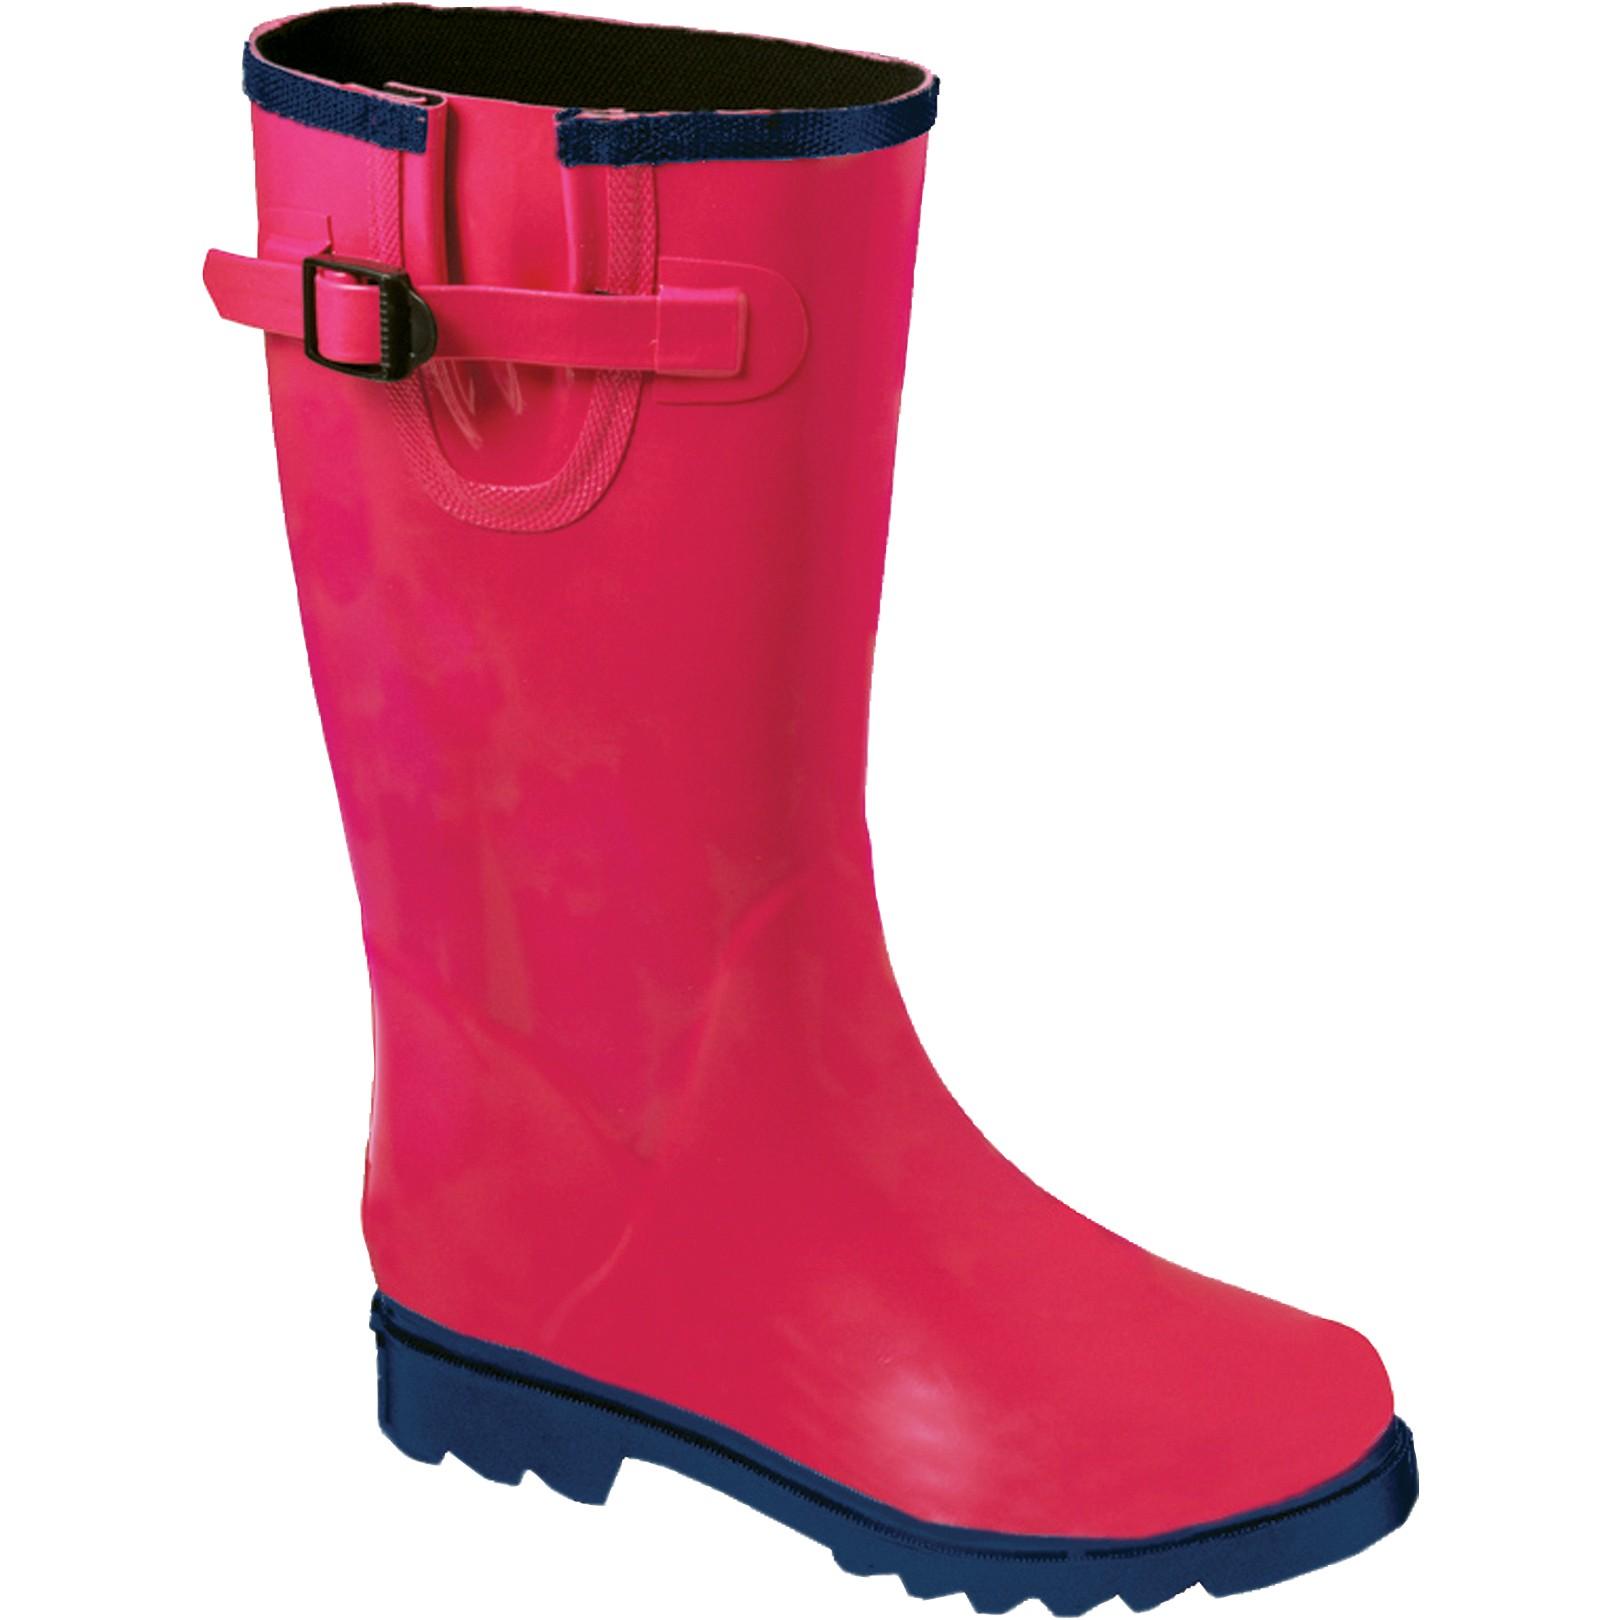 coach rain boots outlet 39uz  coach rain boots outlet